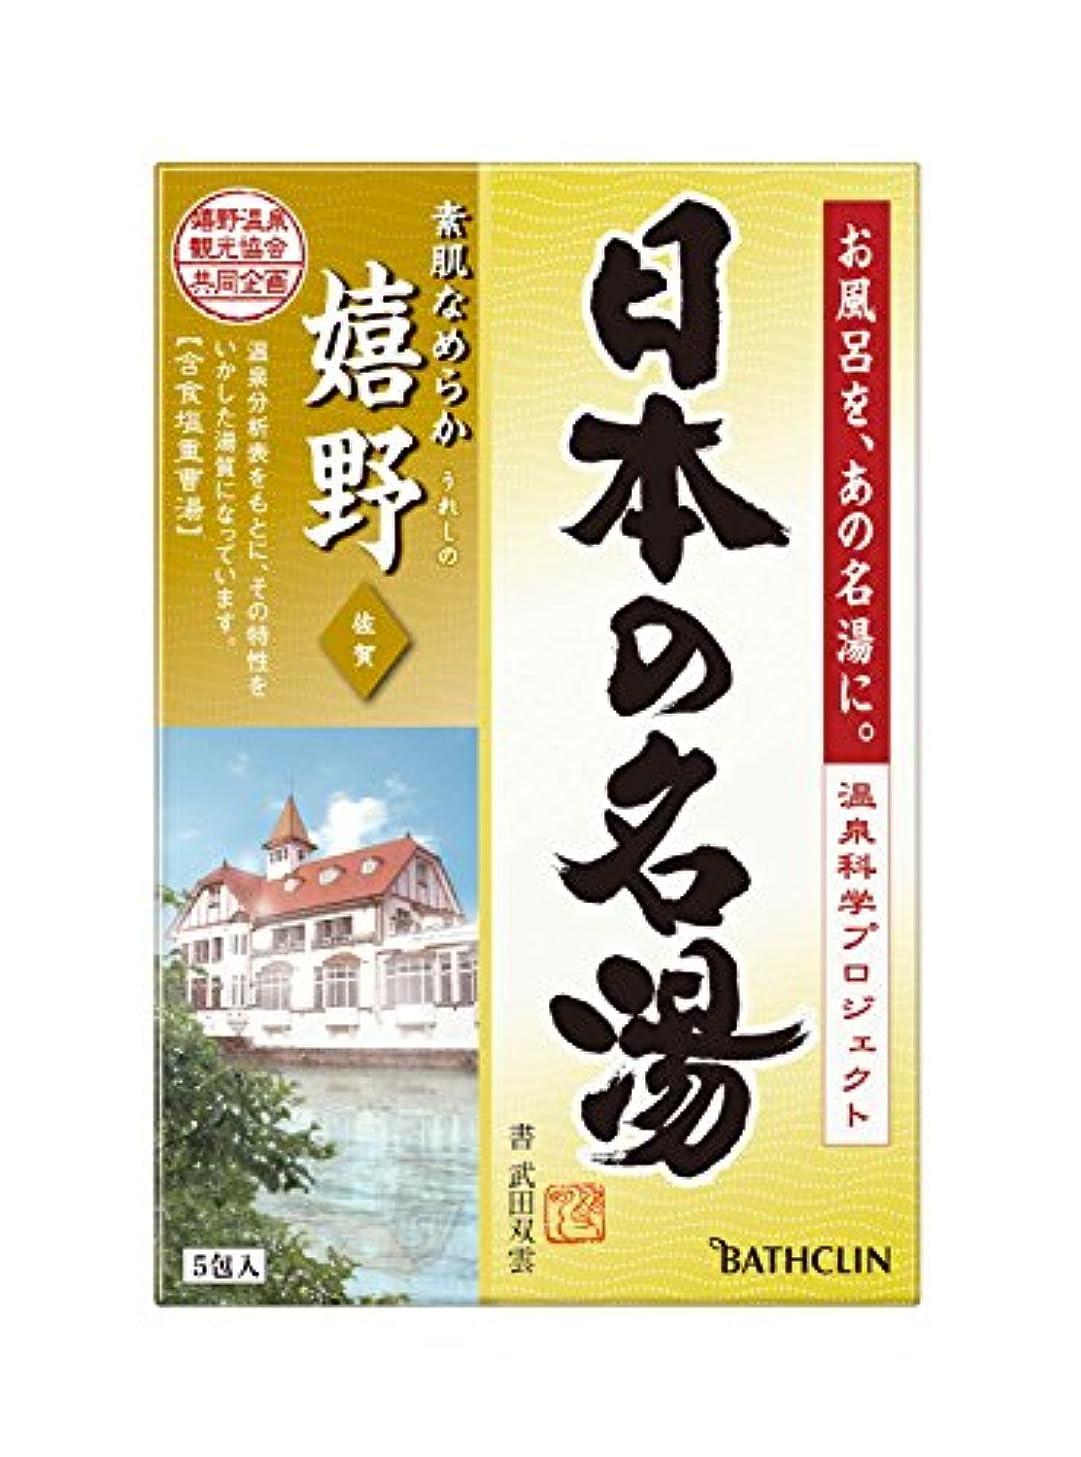 生産性あなたが良くなります彼女【医薬部外品】日本の名湯入浴剤 嬉野(佐賀) 30g ×5包 透明タイプ 個包装 温泉タイプ